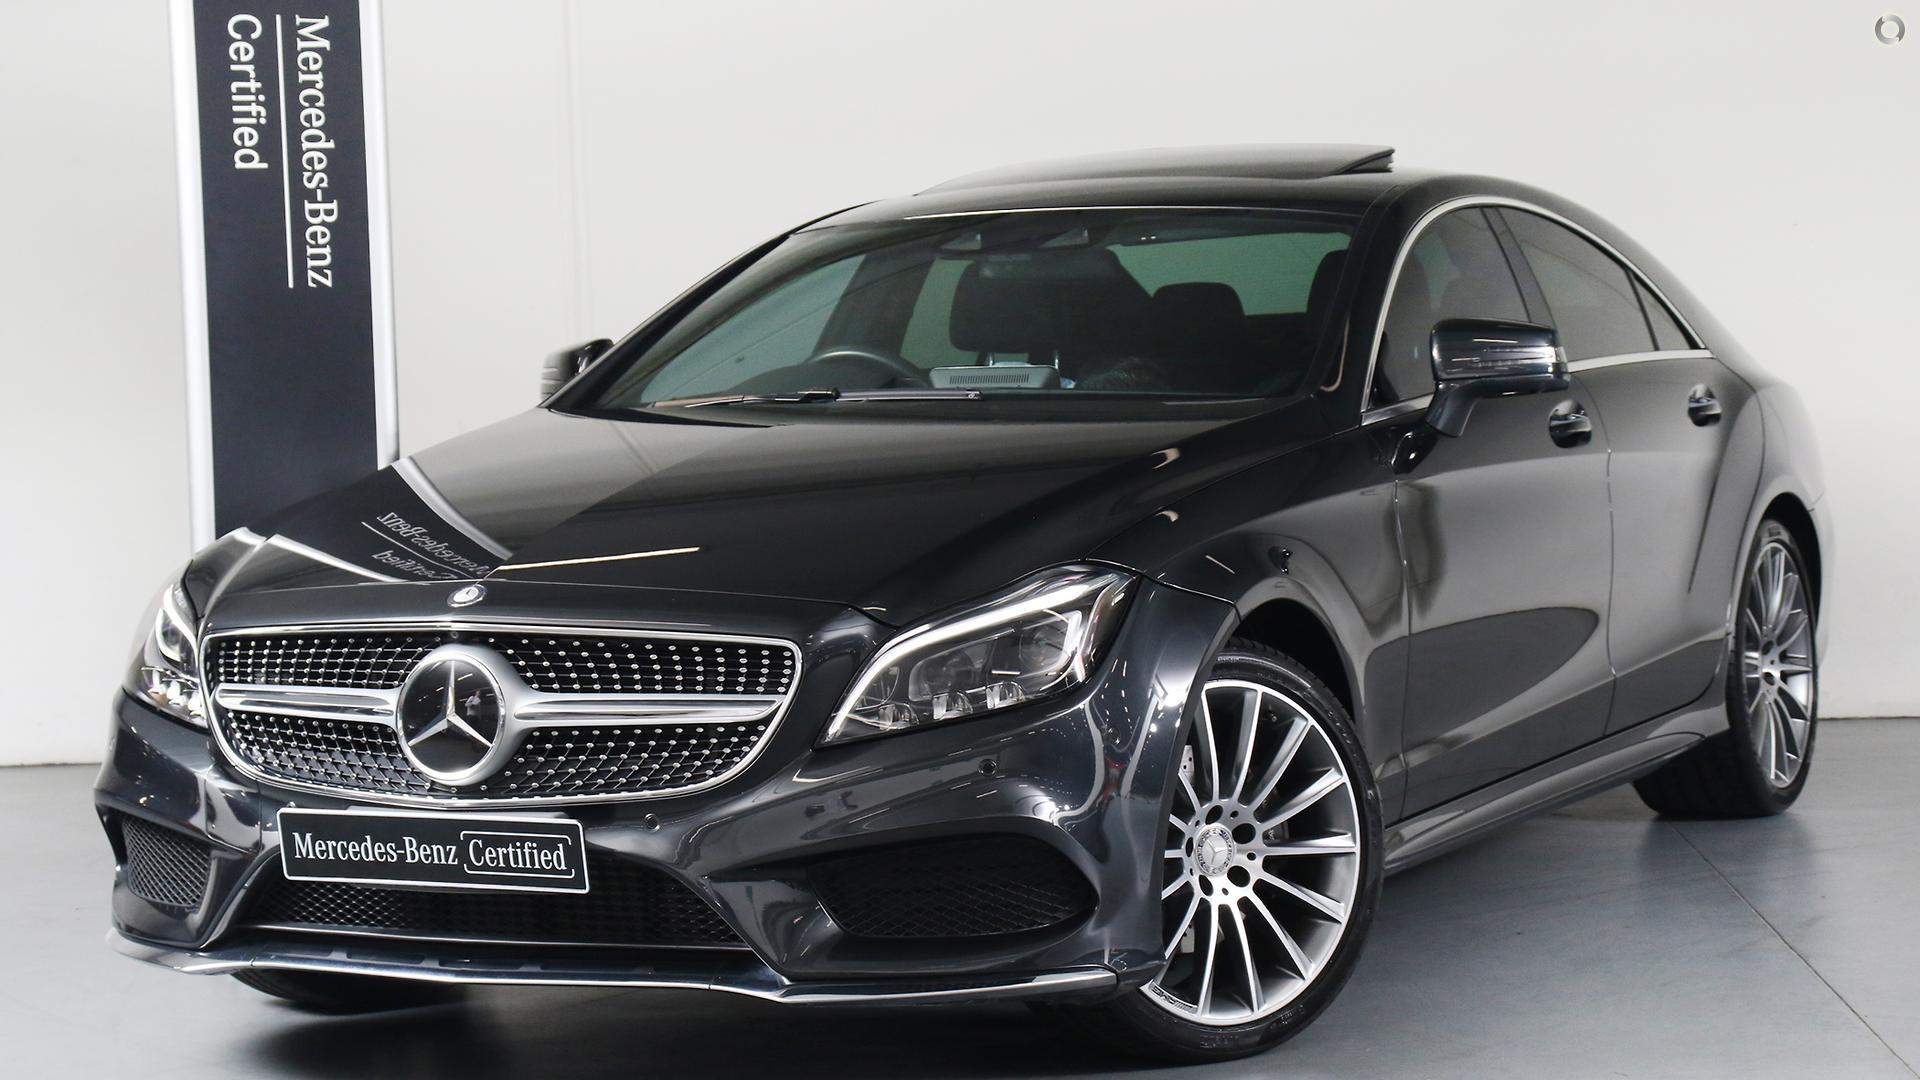 2015 Mercedes-Benz CLS 250 D Coupe